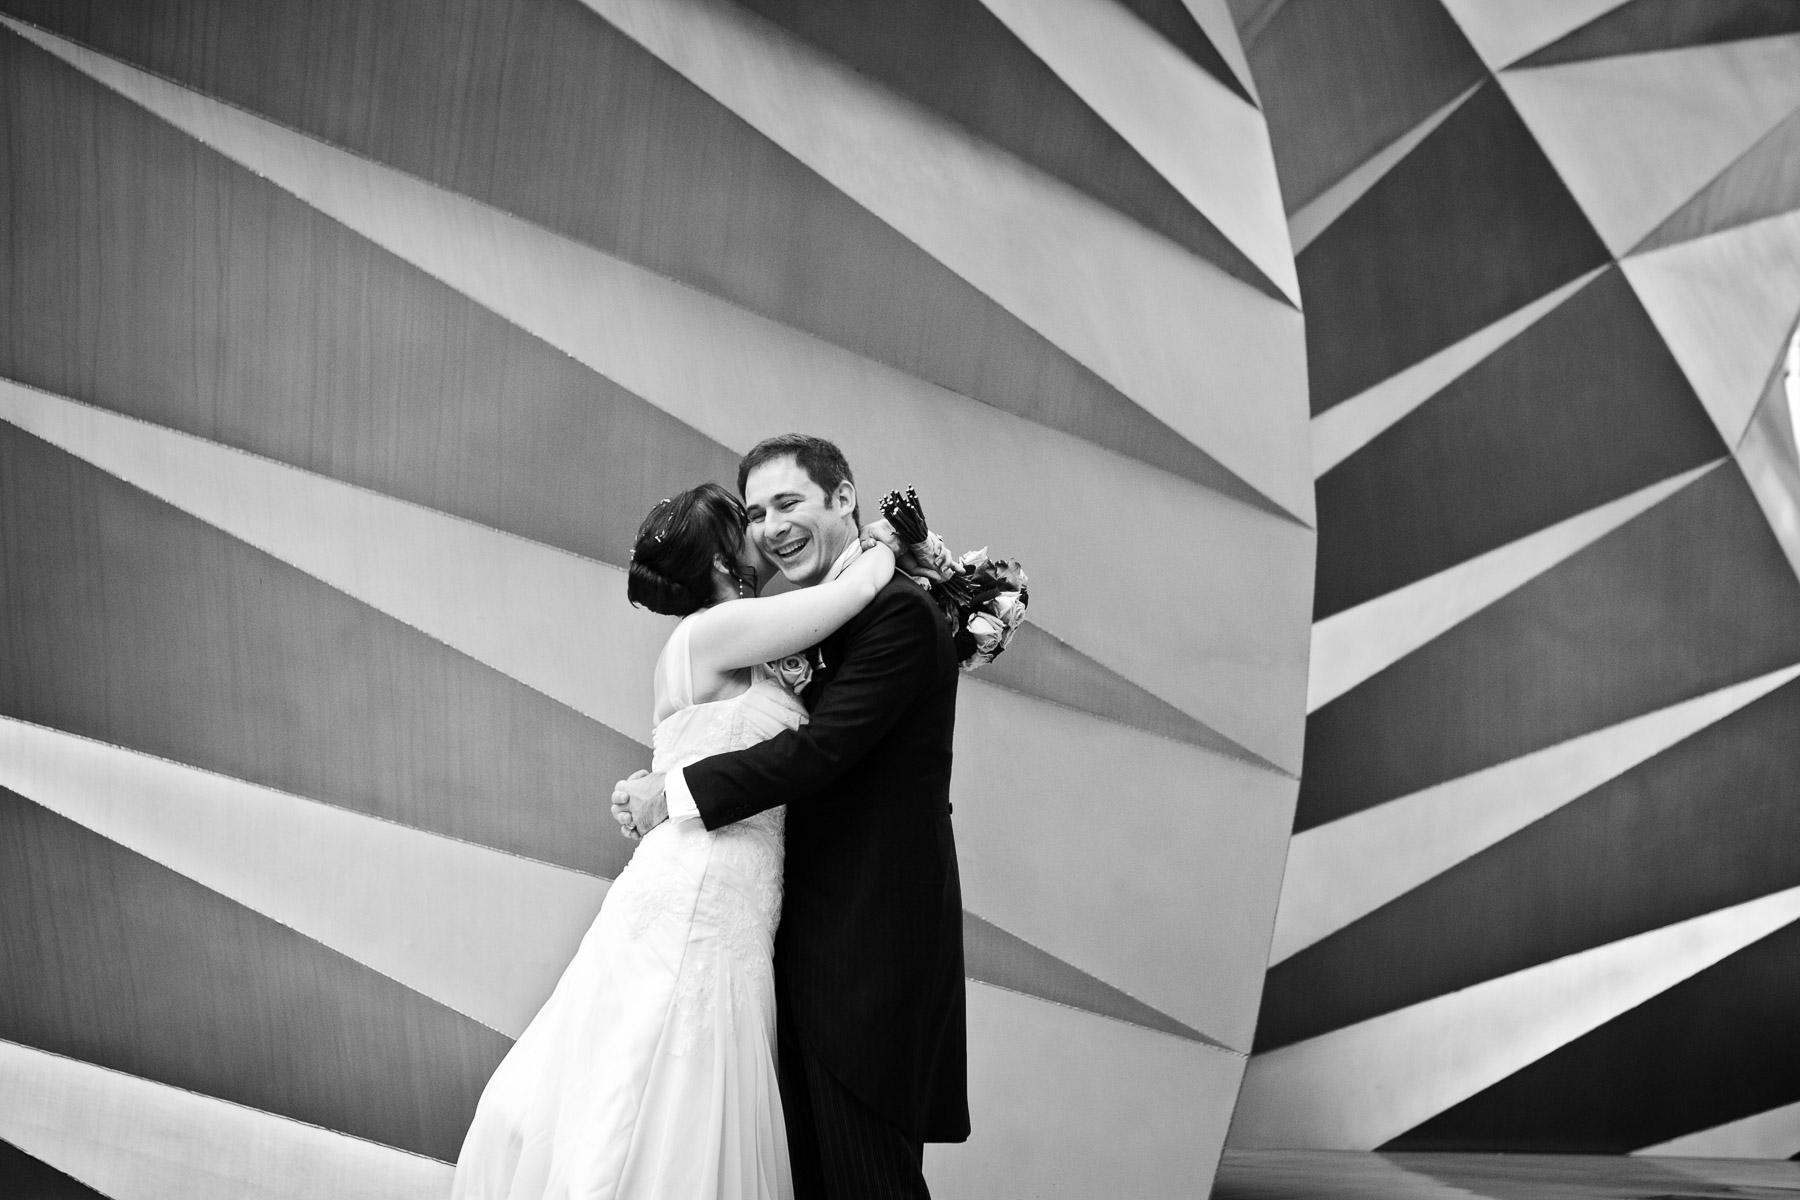 wedding portfolio 25-09-17  018.jpg